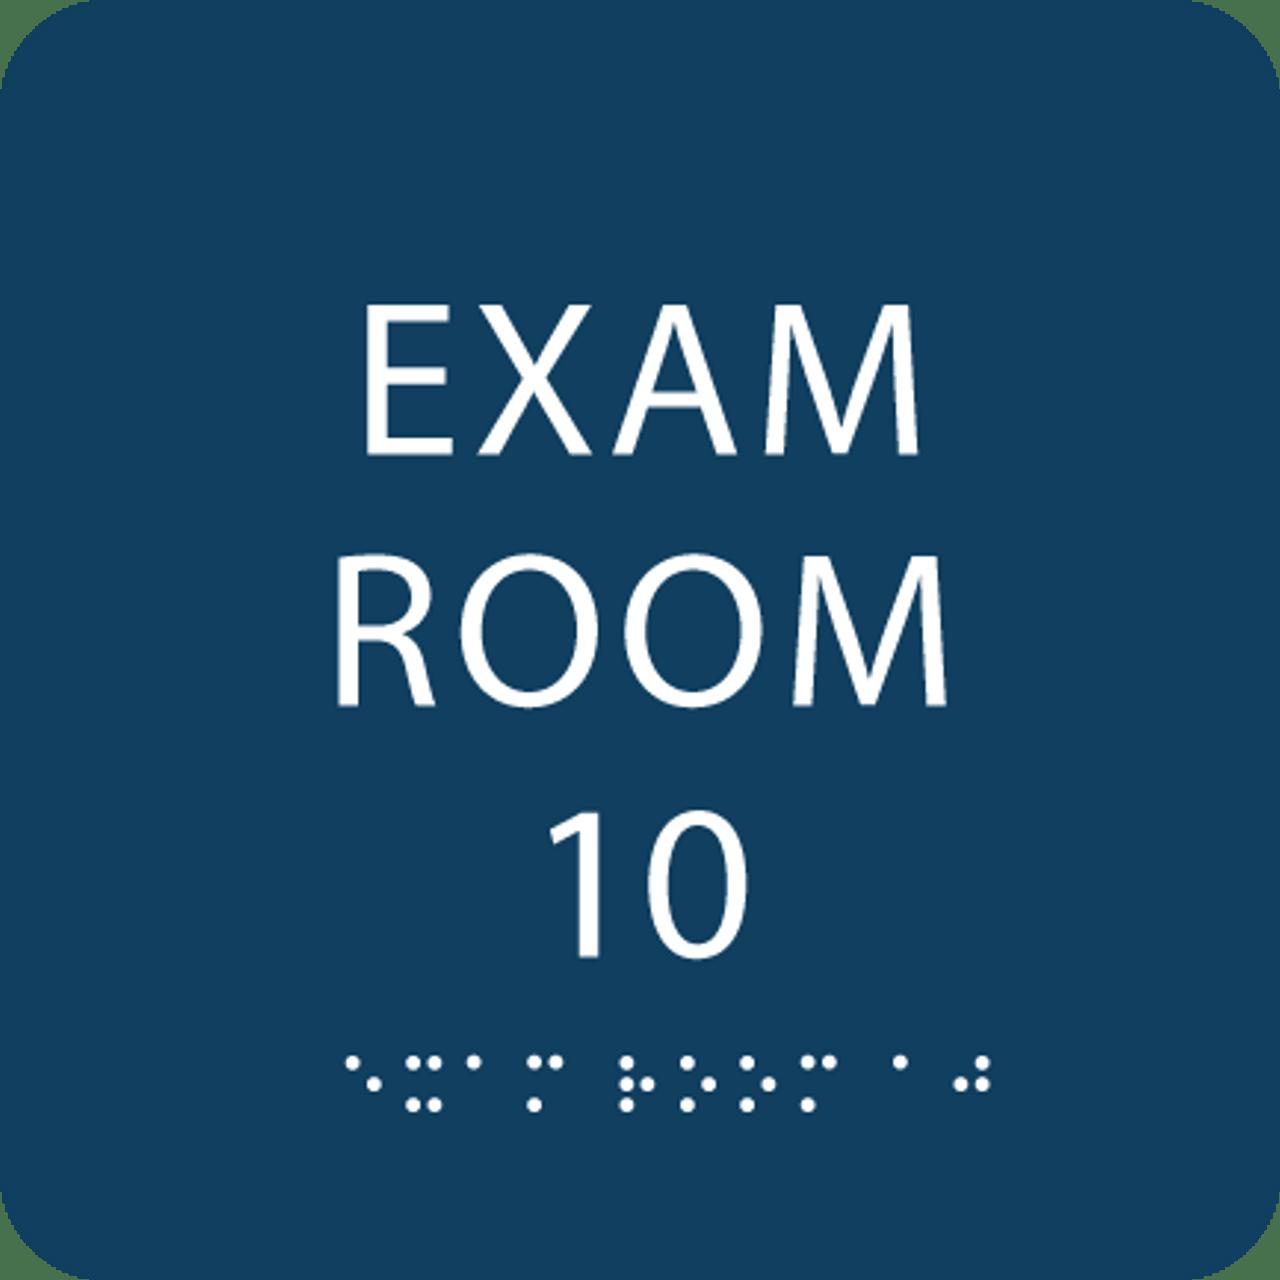 Dark Blue Exam Room 10 Sign w/ ADA Braille